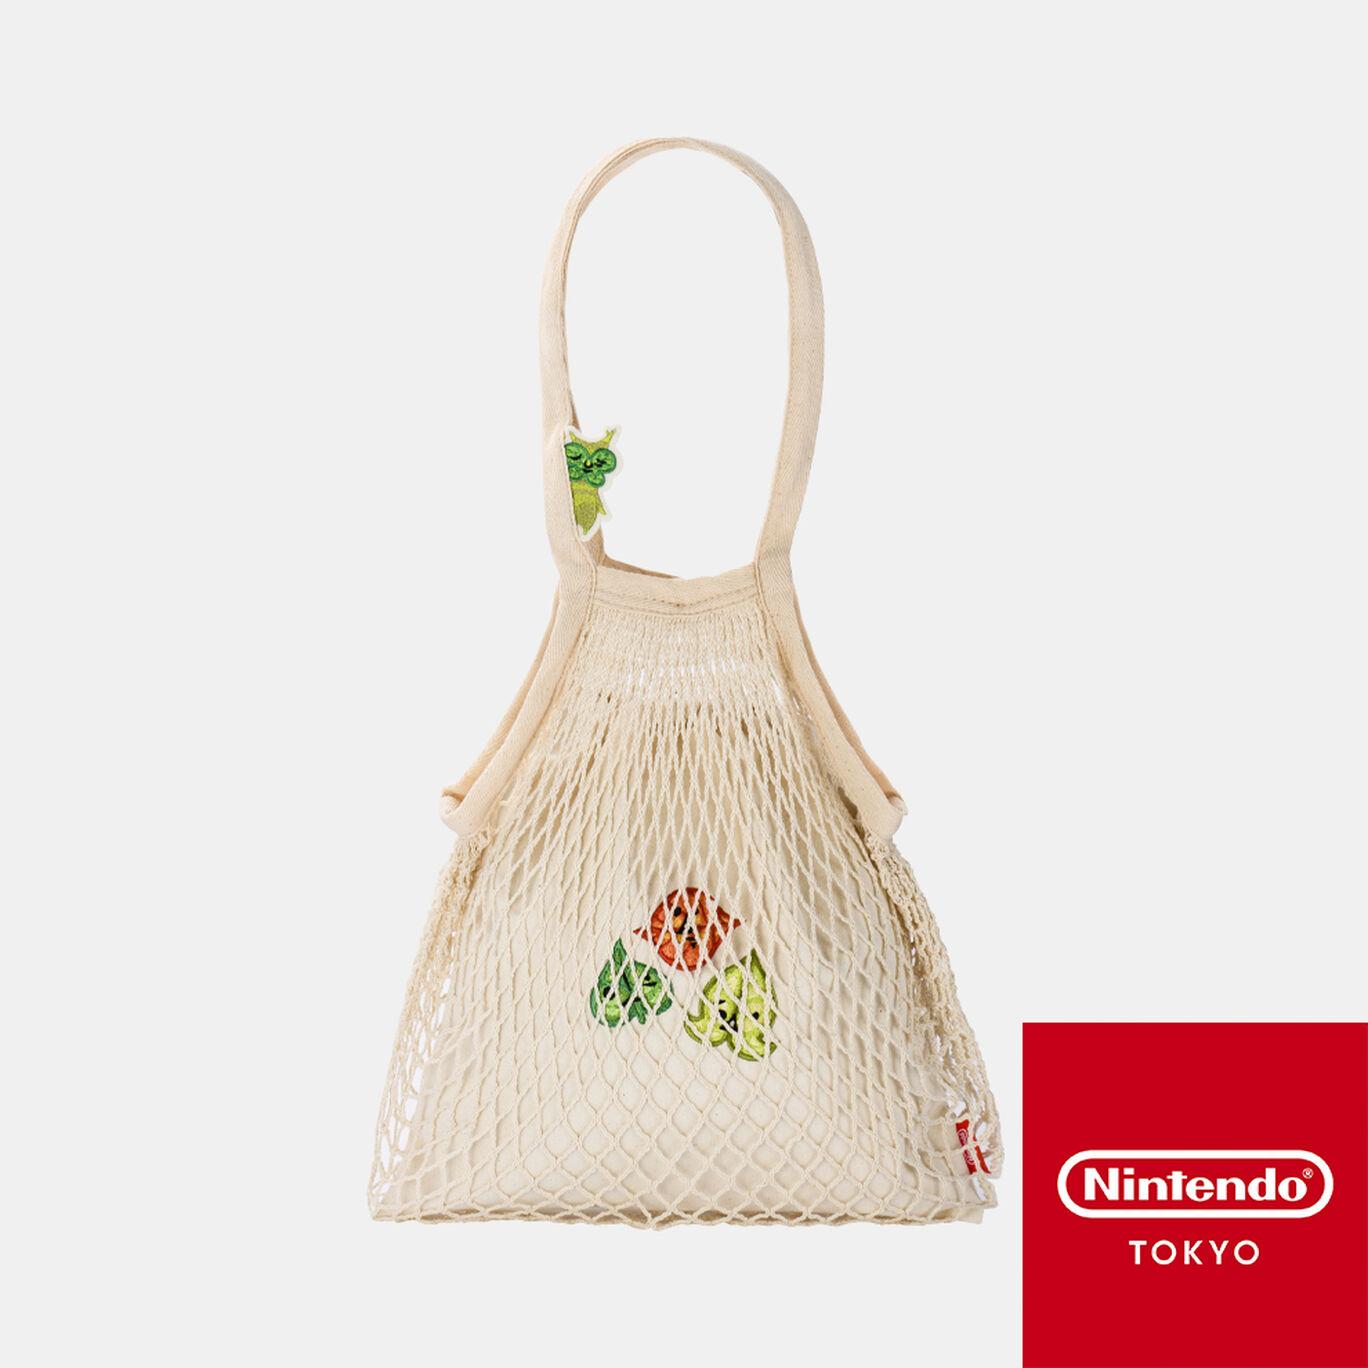 コログのネットトート ゼルダの伝説【Nintendo TOKYO取り扱い商品】